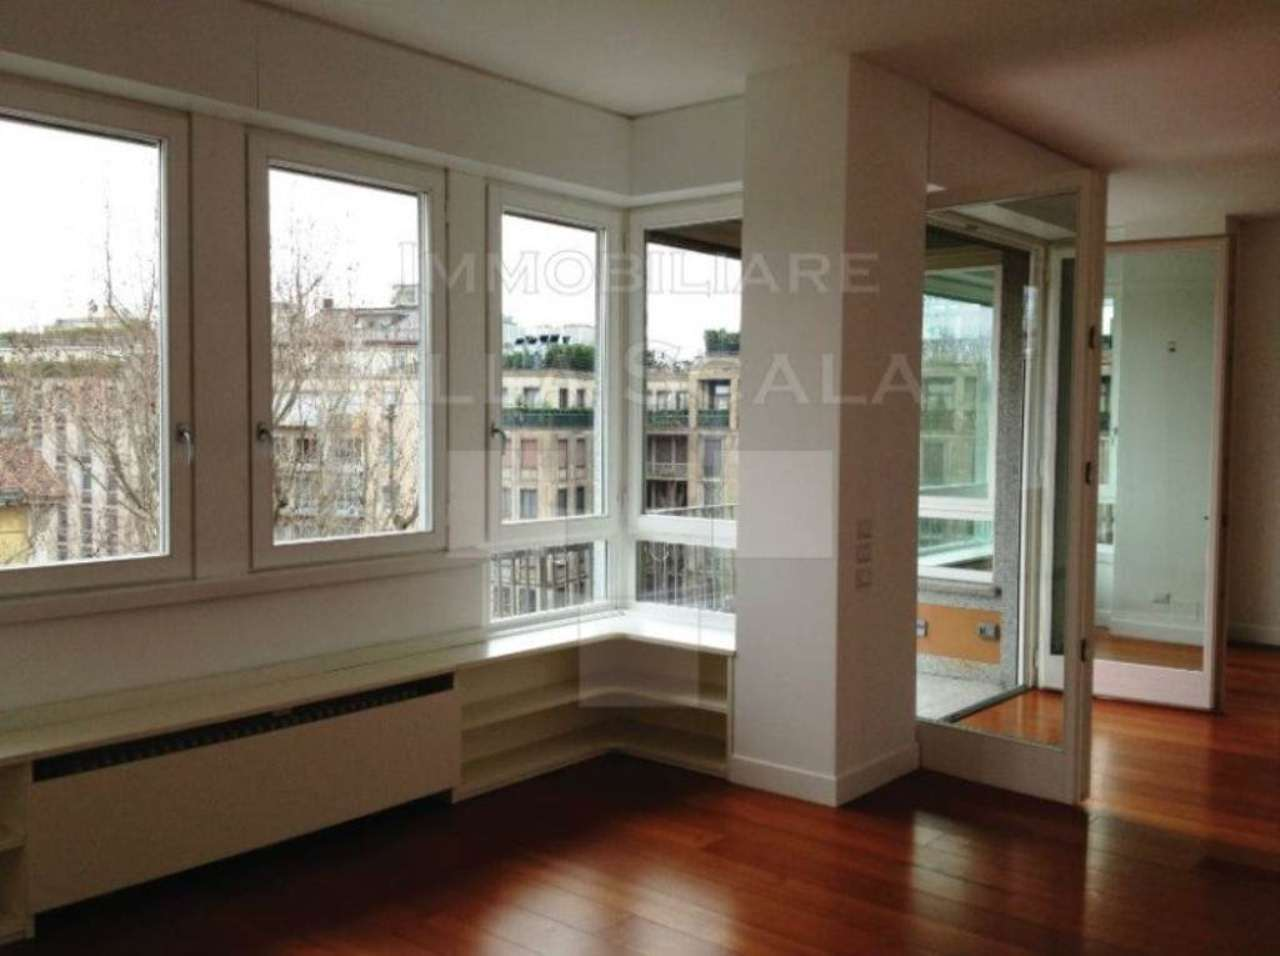 Appartamenti di lusso in vendita a milano trovocasa pregio for Appartamenti arredati in affitto milano